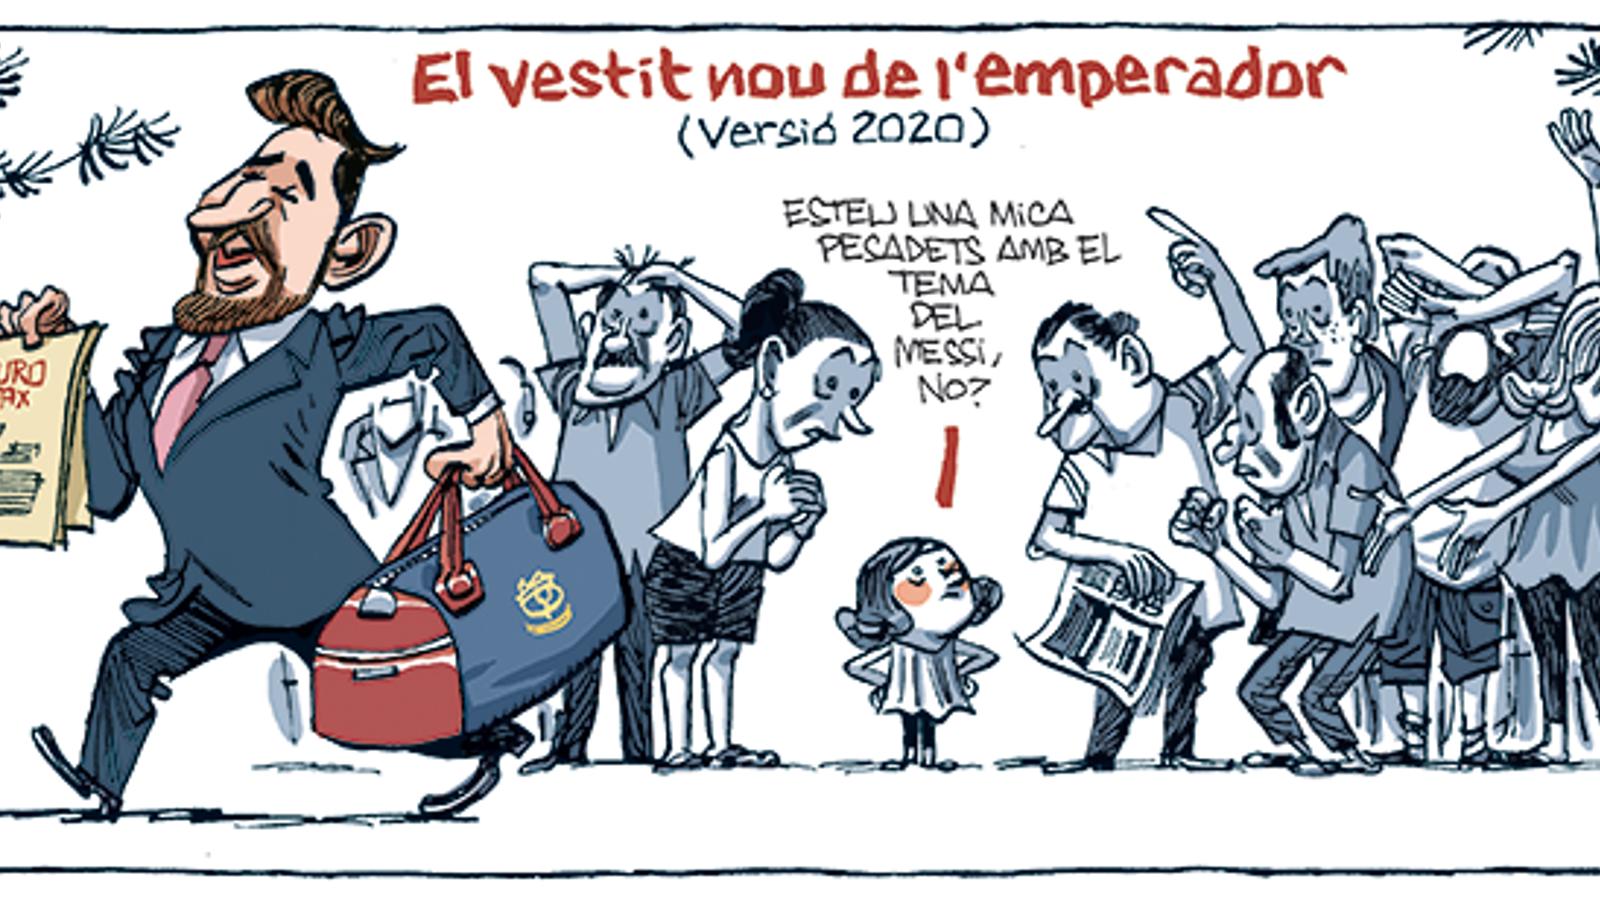 'A la contra', per Fontdevila 27/08/2020